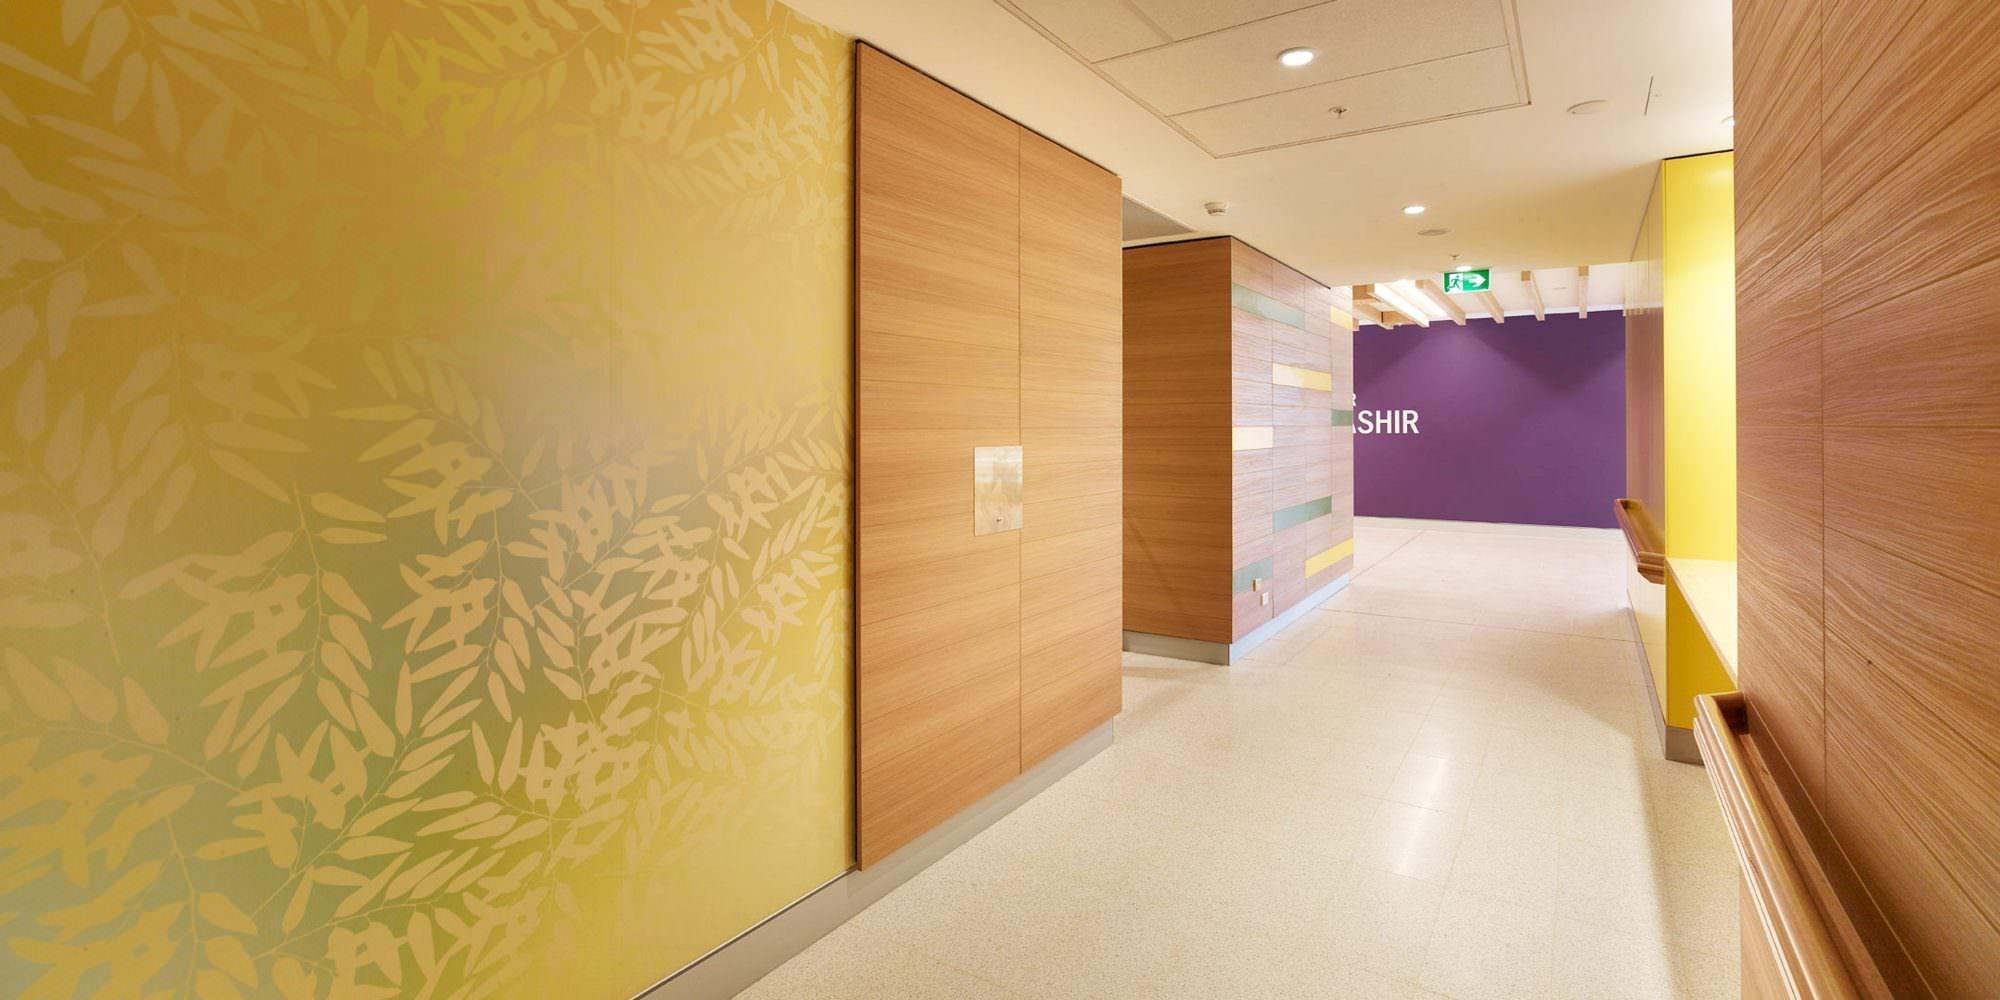 Papéis De Parede De Design Em Consultórios Médicos, Hospitais E Instalações De Tratamento